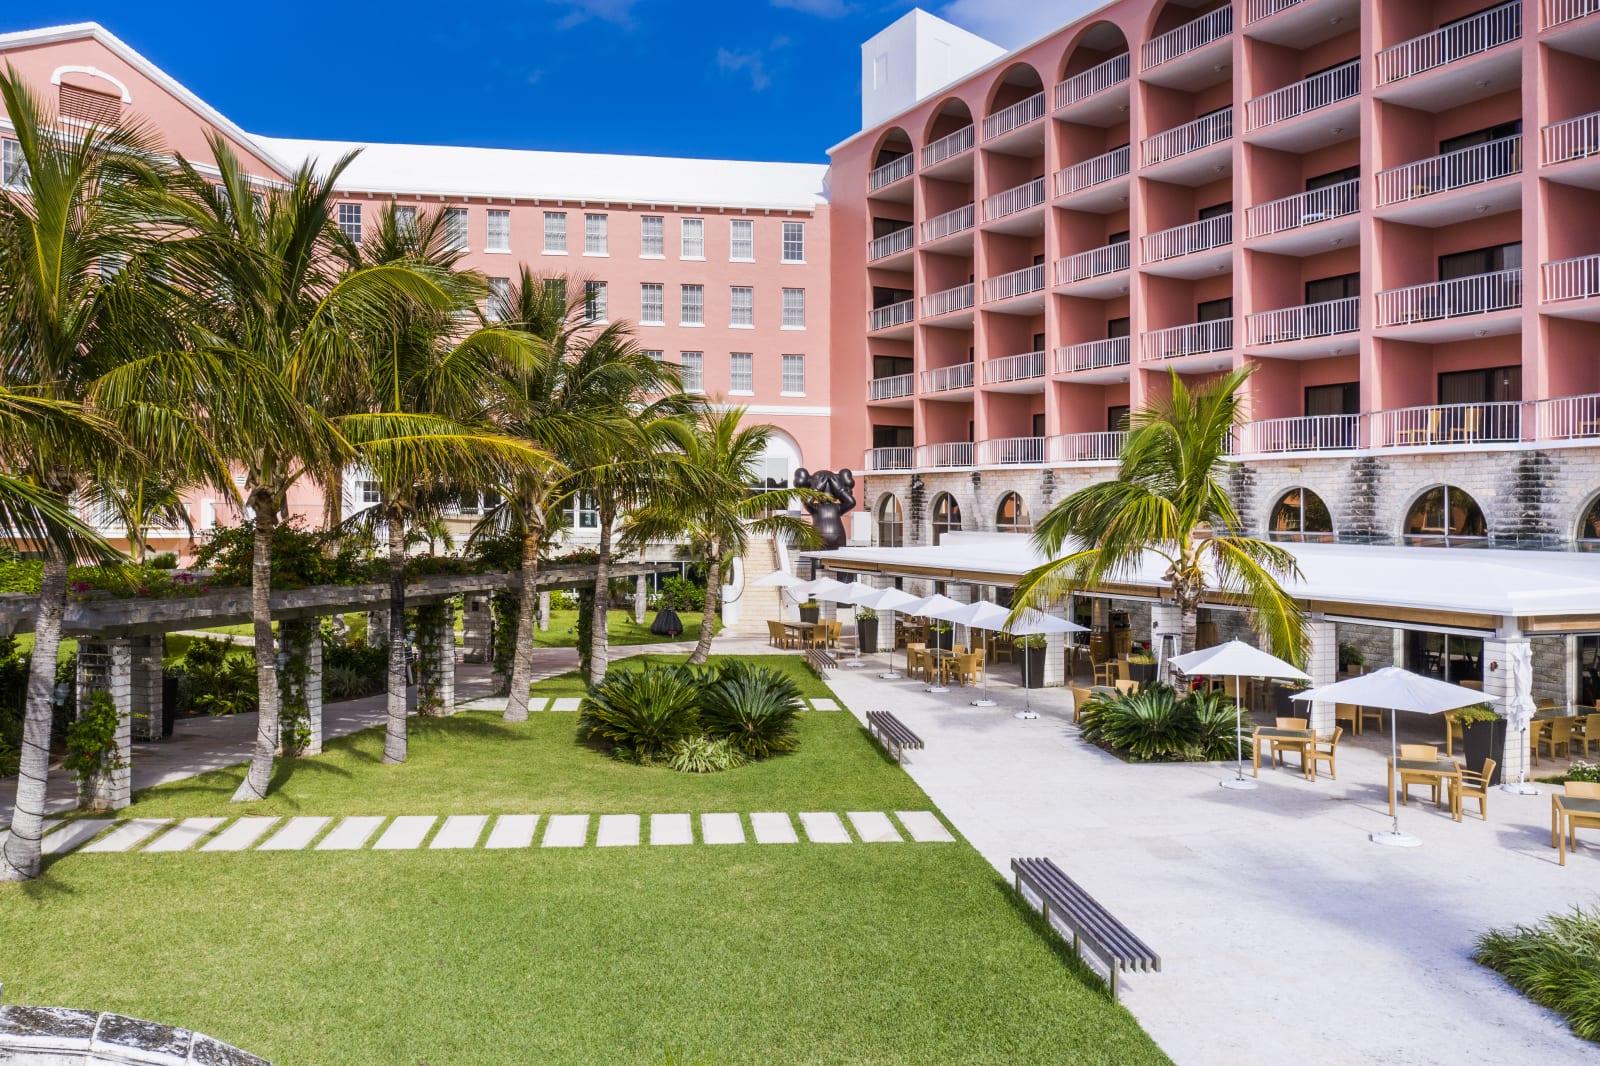 <p>Hamilton Princess & Beach Club, Bermuda</p>